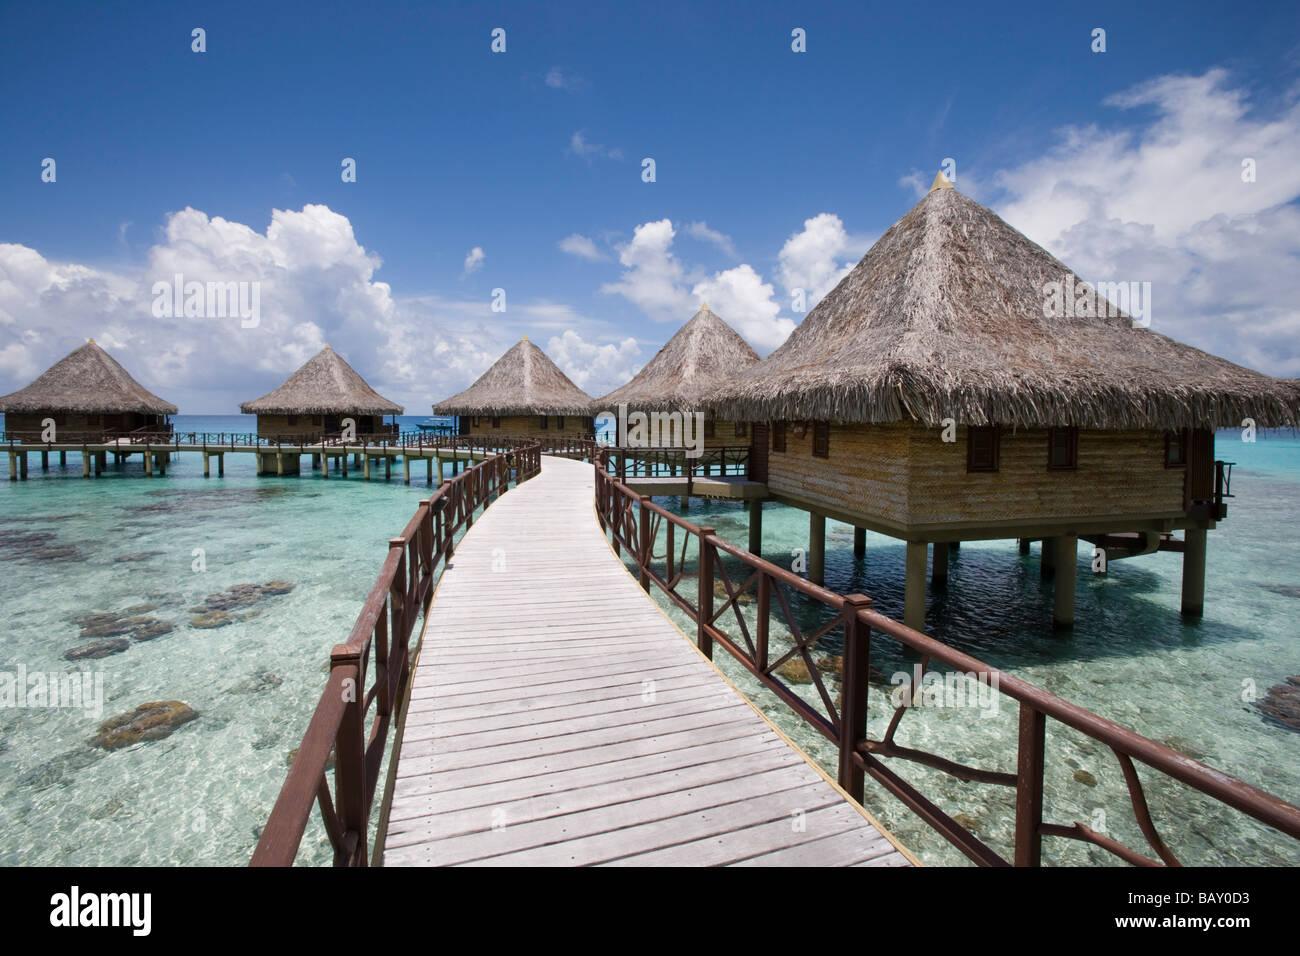 Jetty to Hotel Kia Ora overwater bungalows, Avatoru, Rangiroa, The Tuamotus, French Polynesia - Stock Image